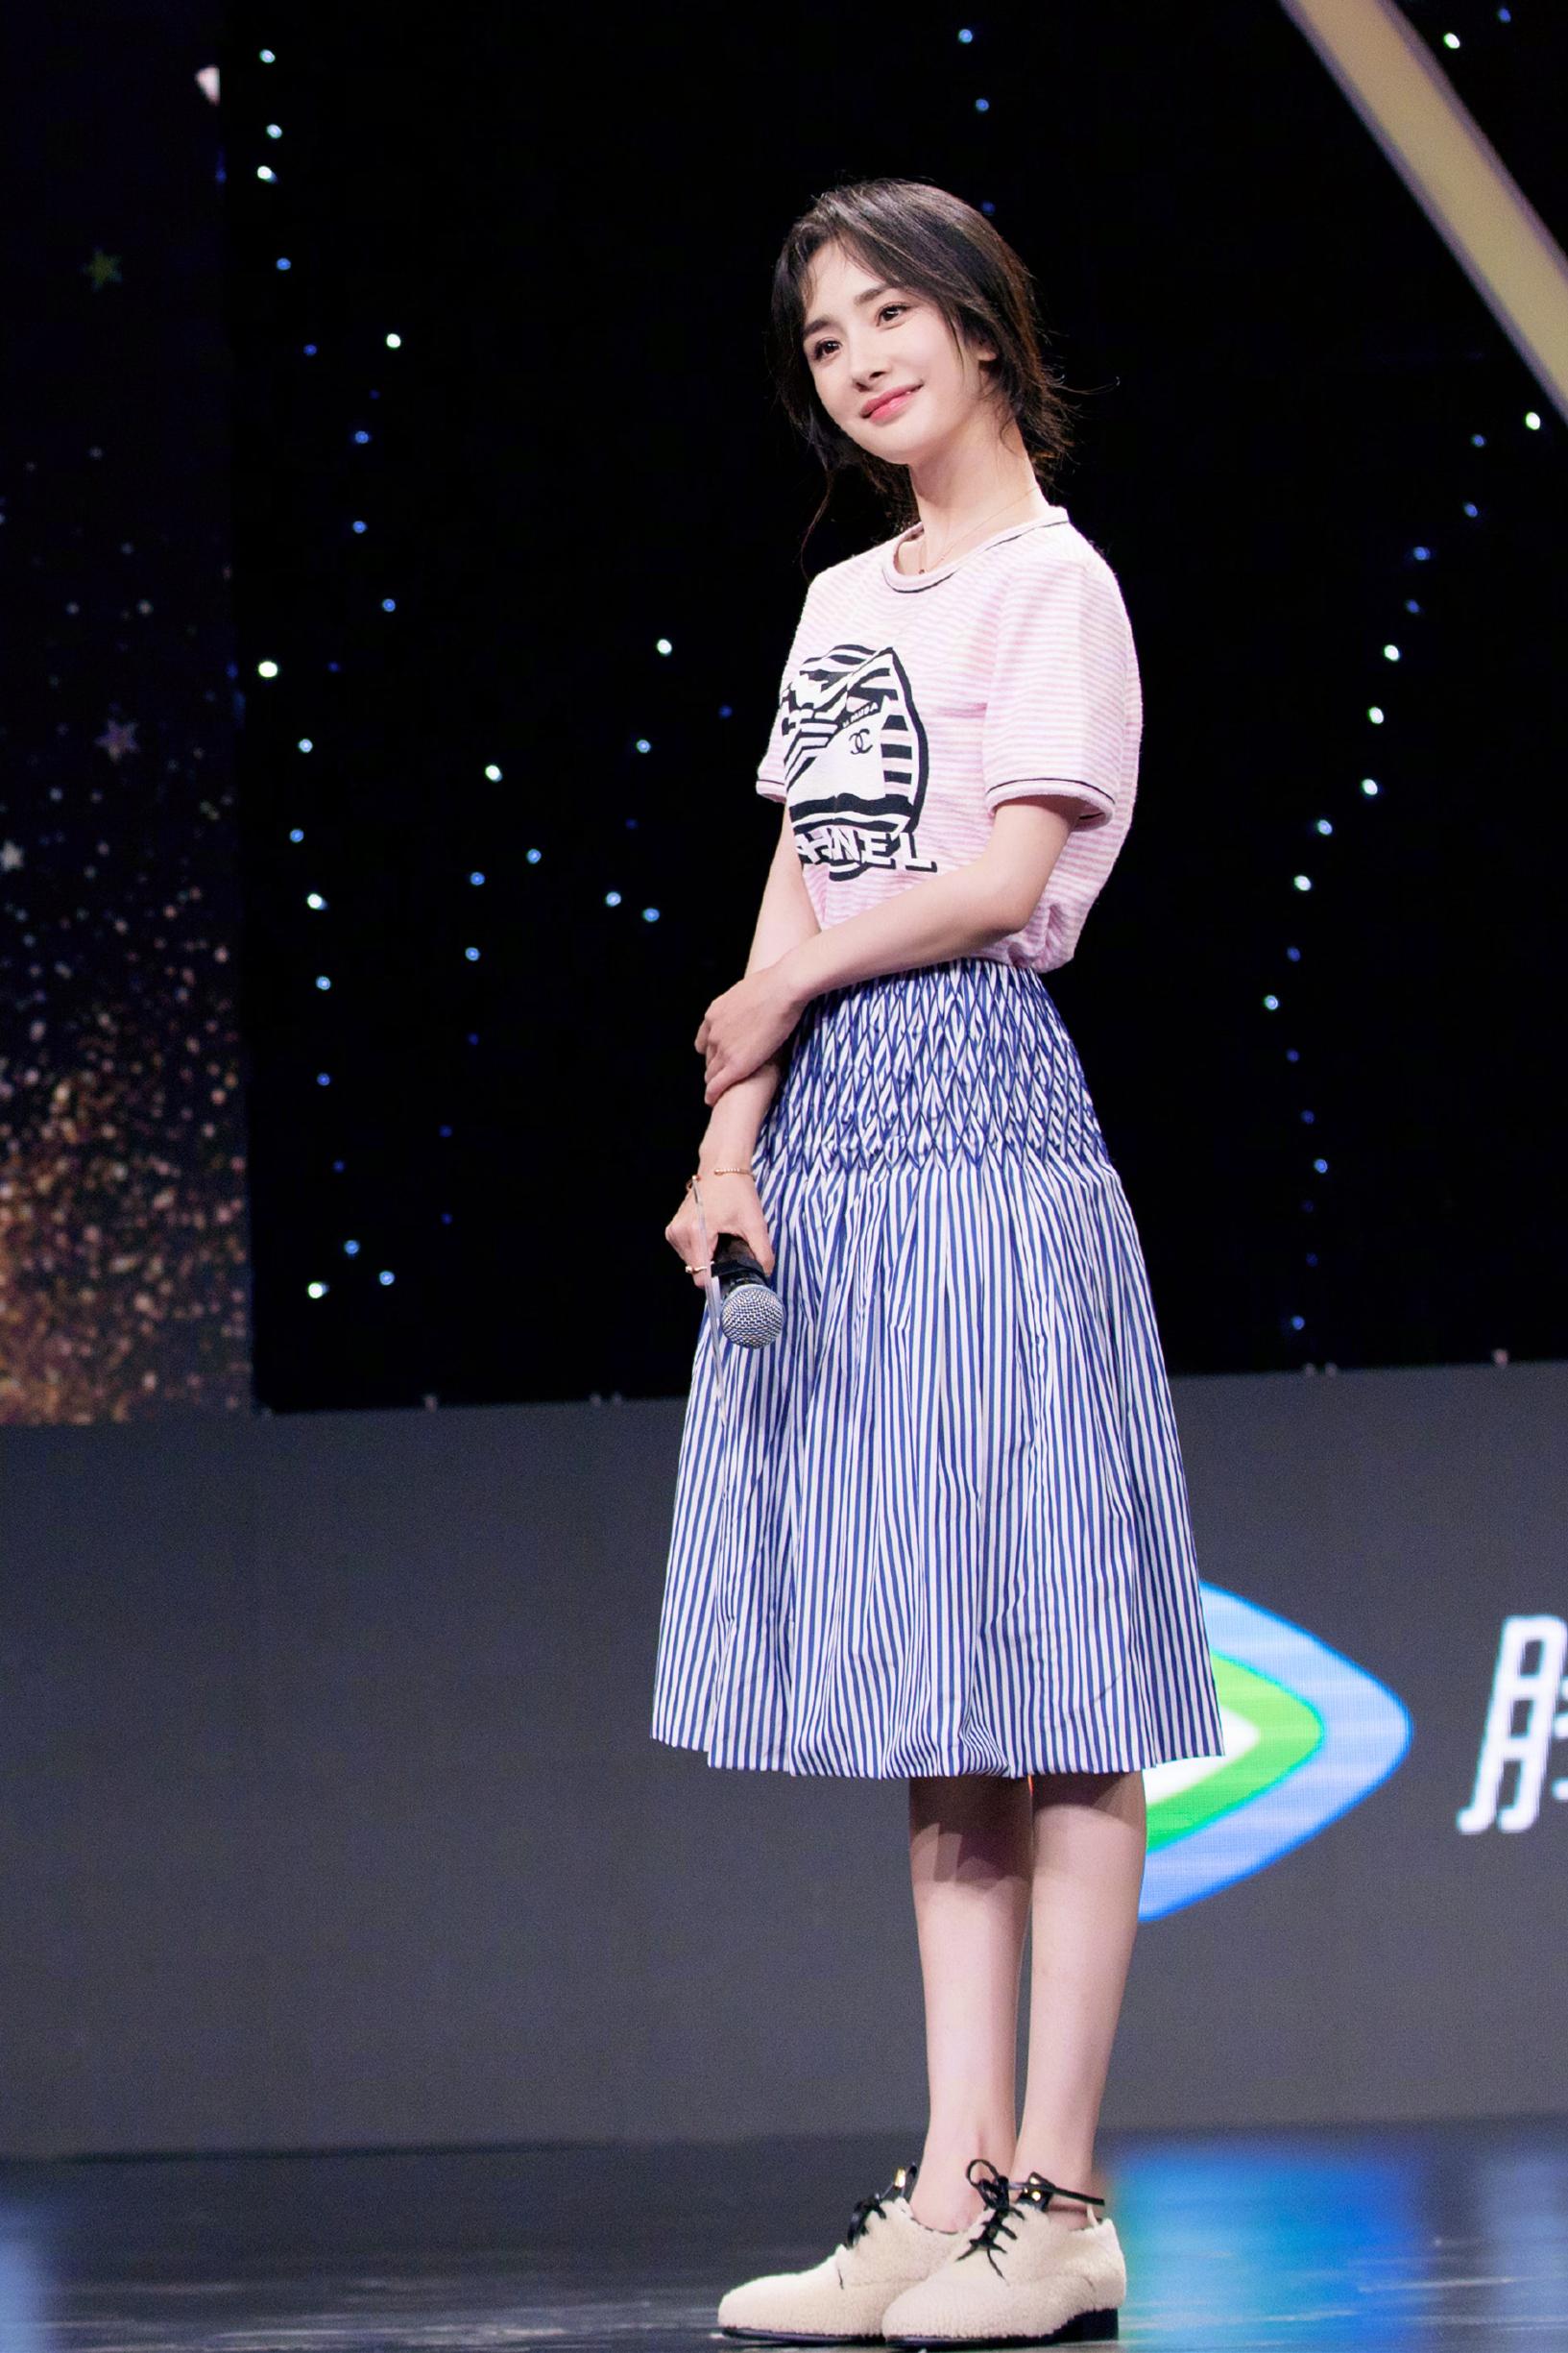 楊冪雖然已經32歲,可穿衣造型卻減齡效果滿分!少女感也太強了